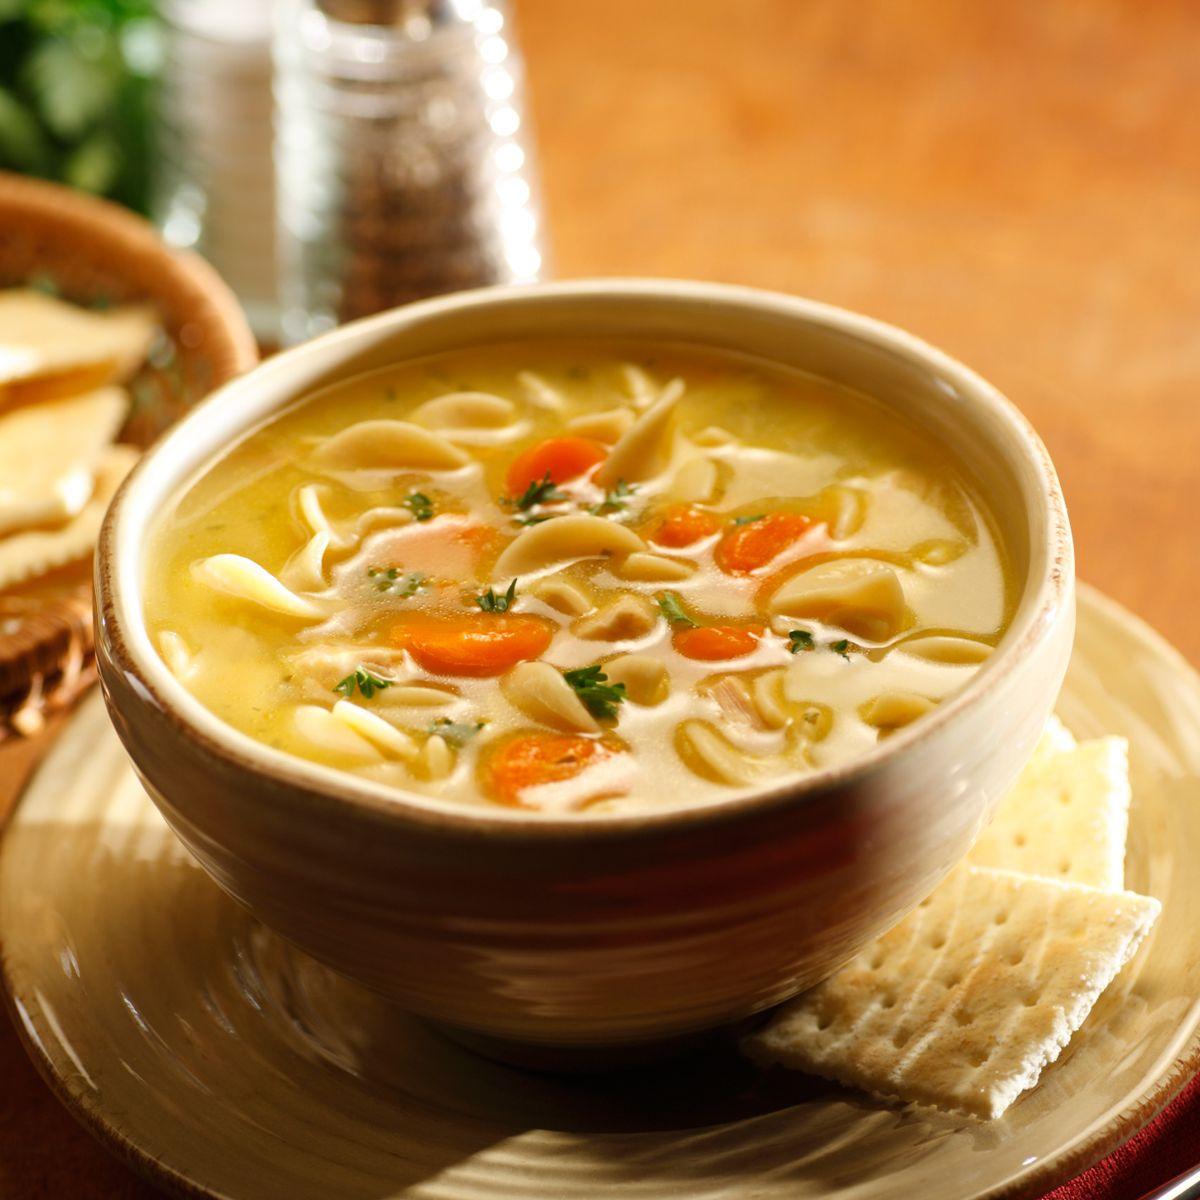 Chicken Noodle Soup Recipe Egg Noodles